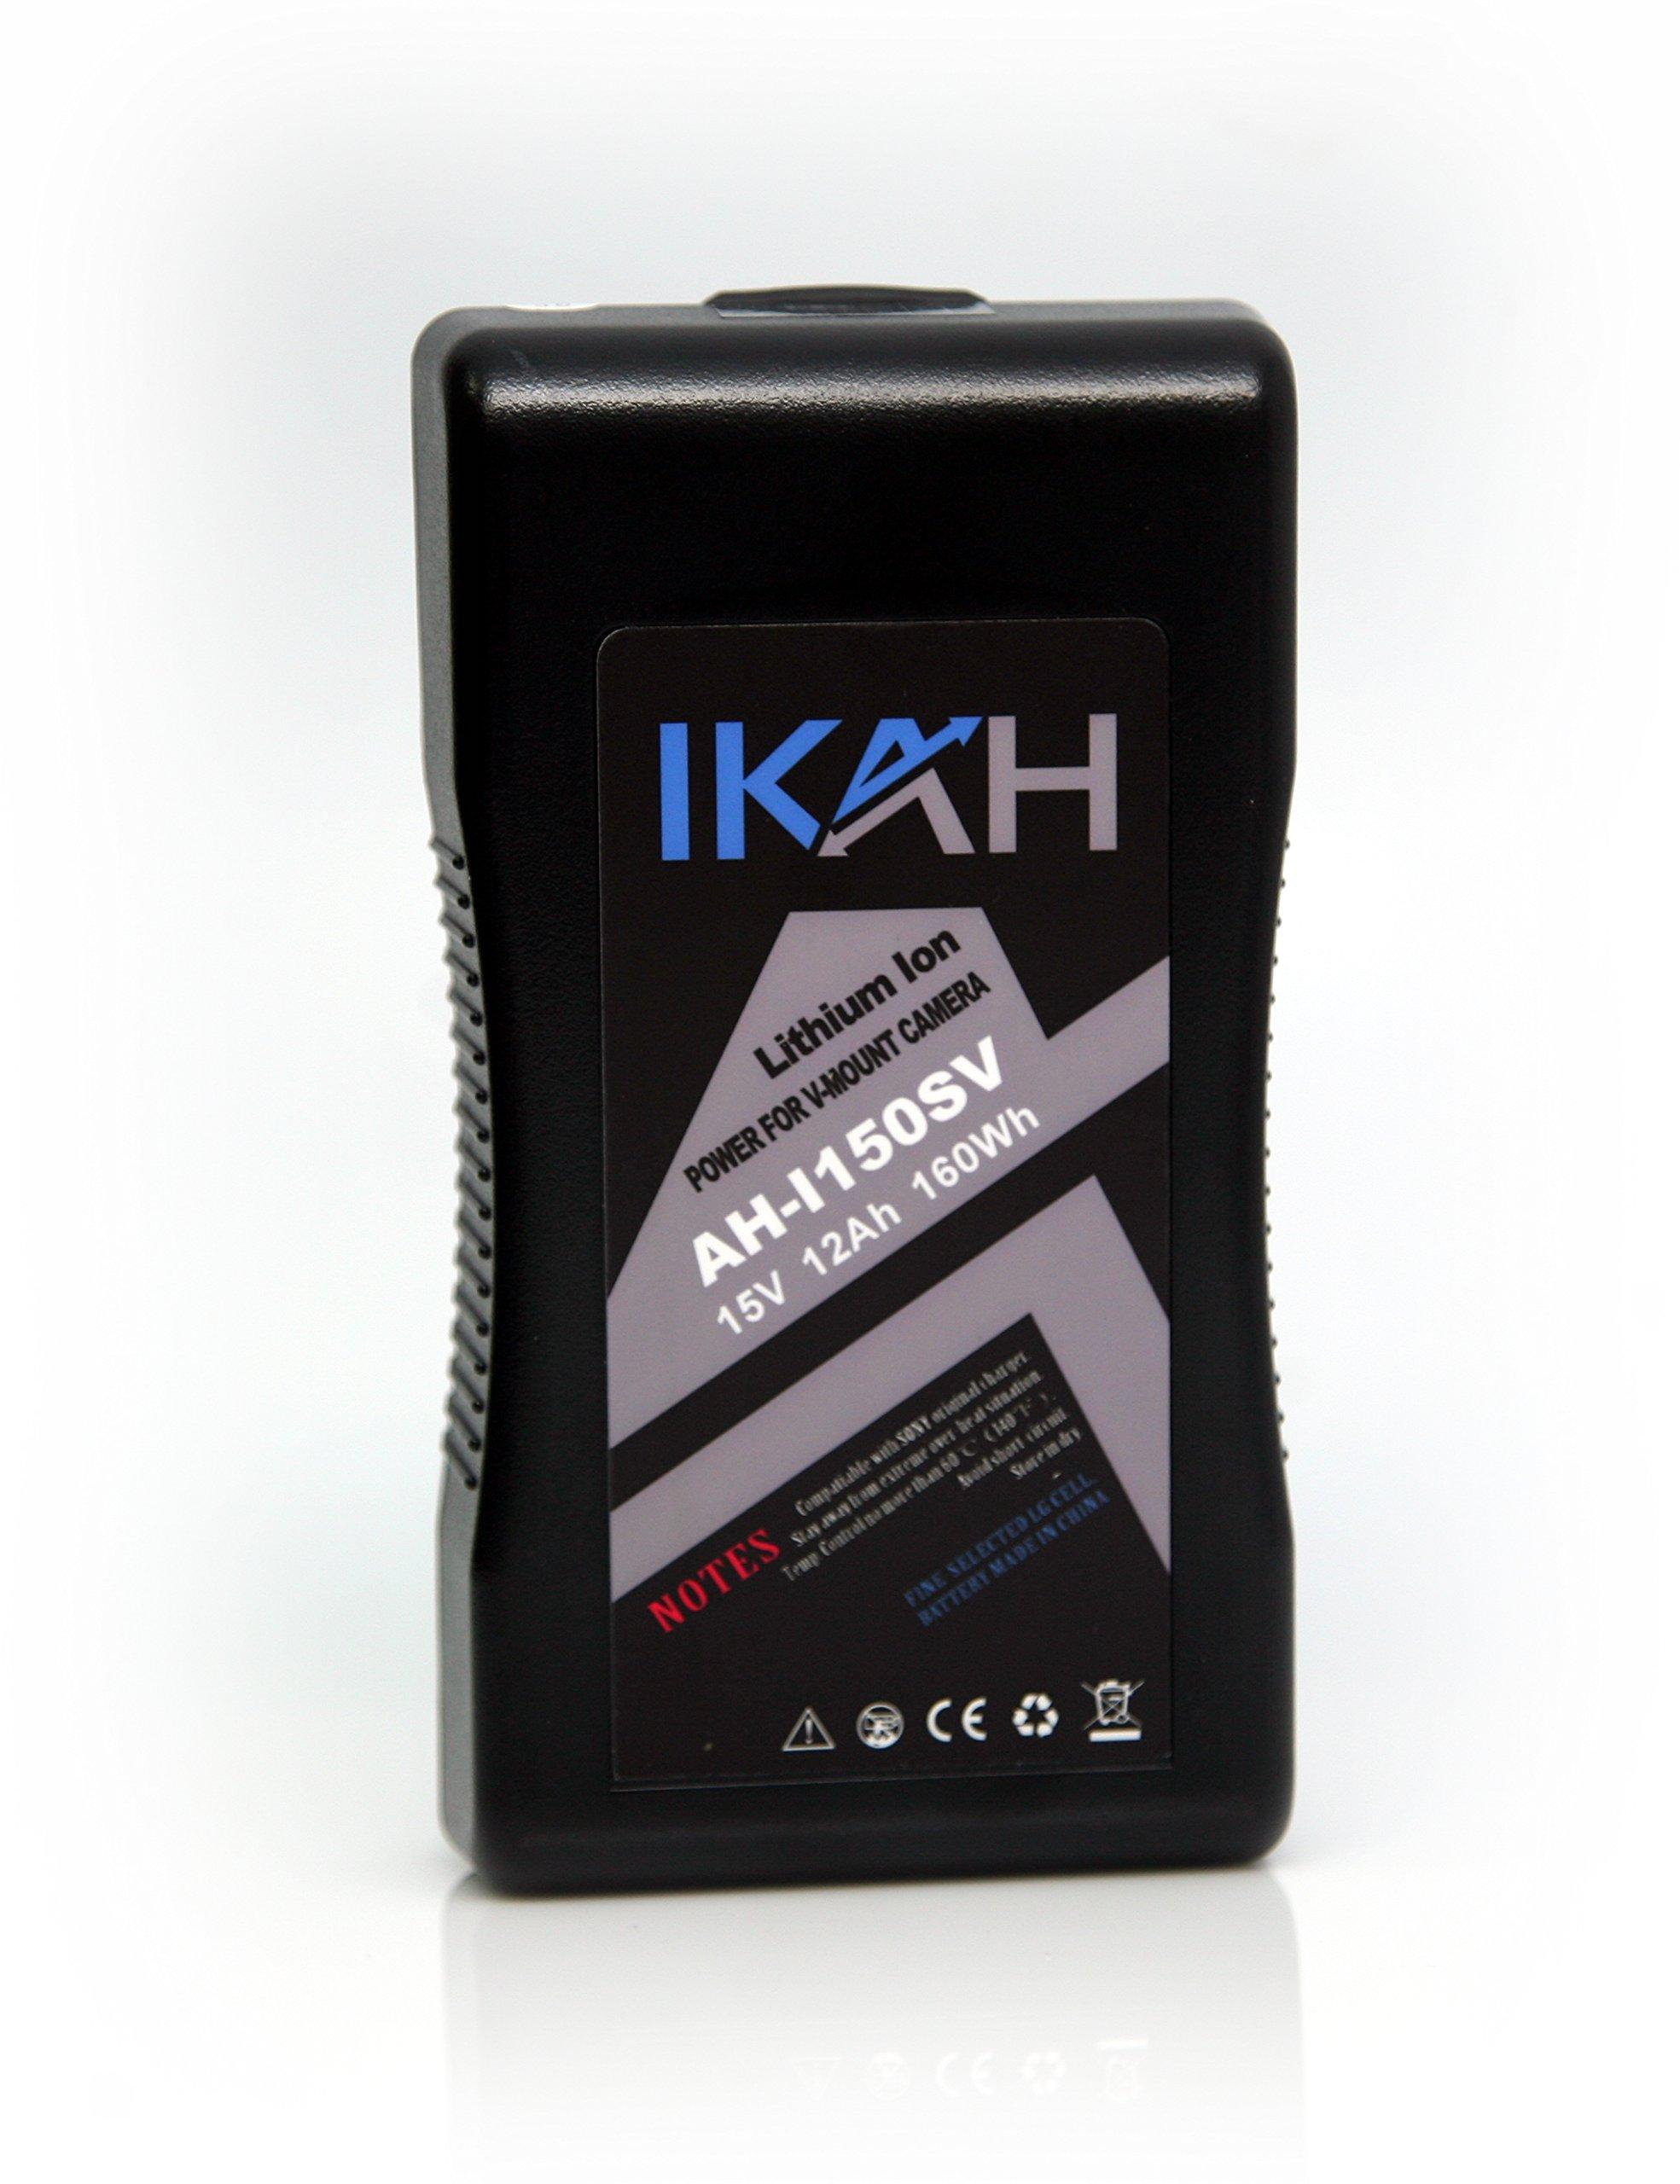 IKAH AH-I150SV rechargeable Li-ion Battery V-Mount 15V 12AH 160Wh